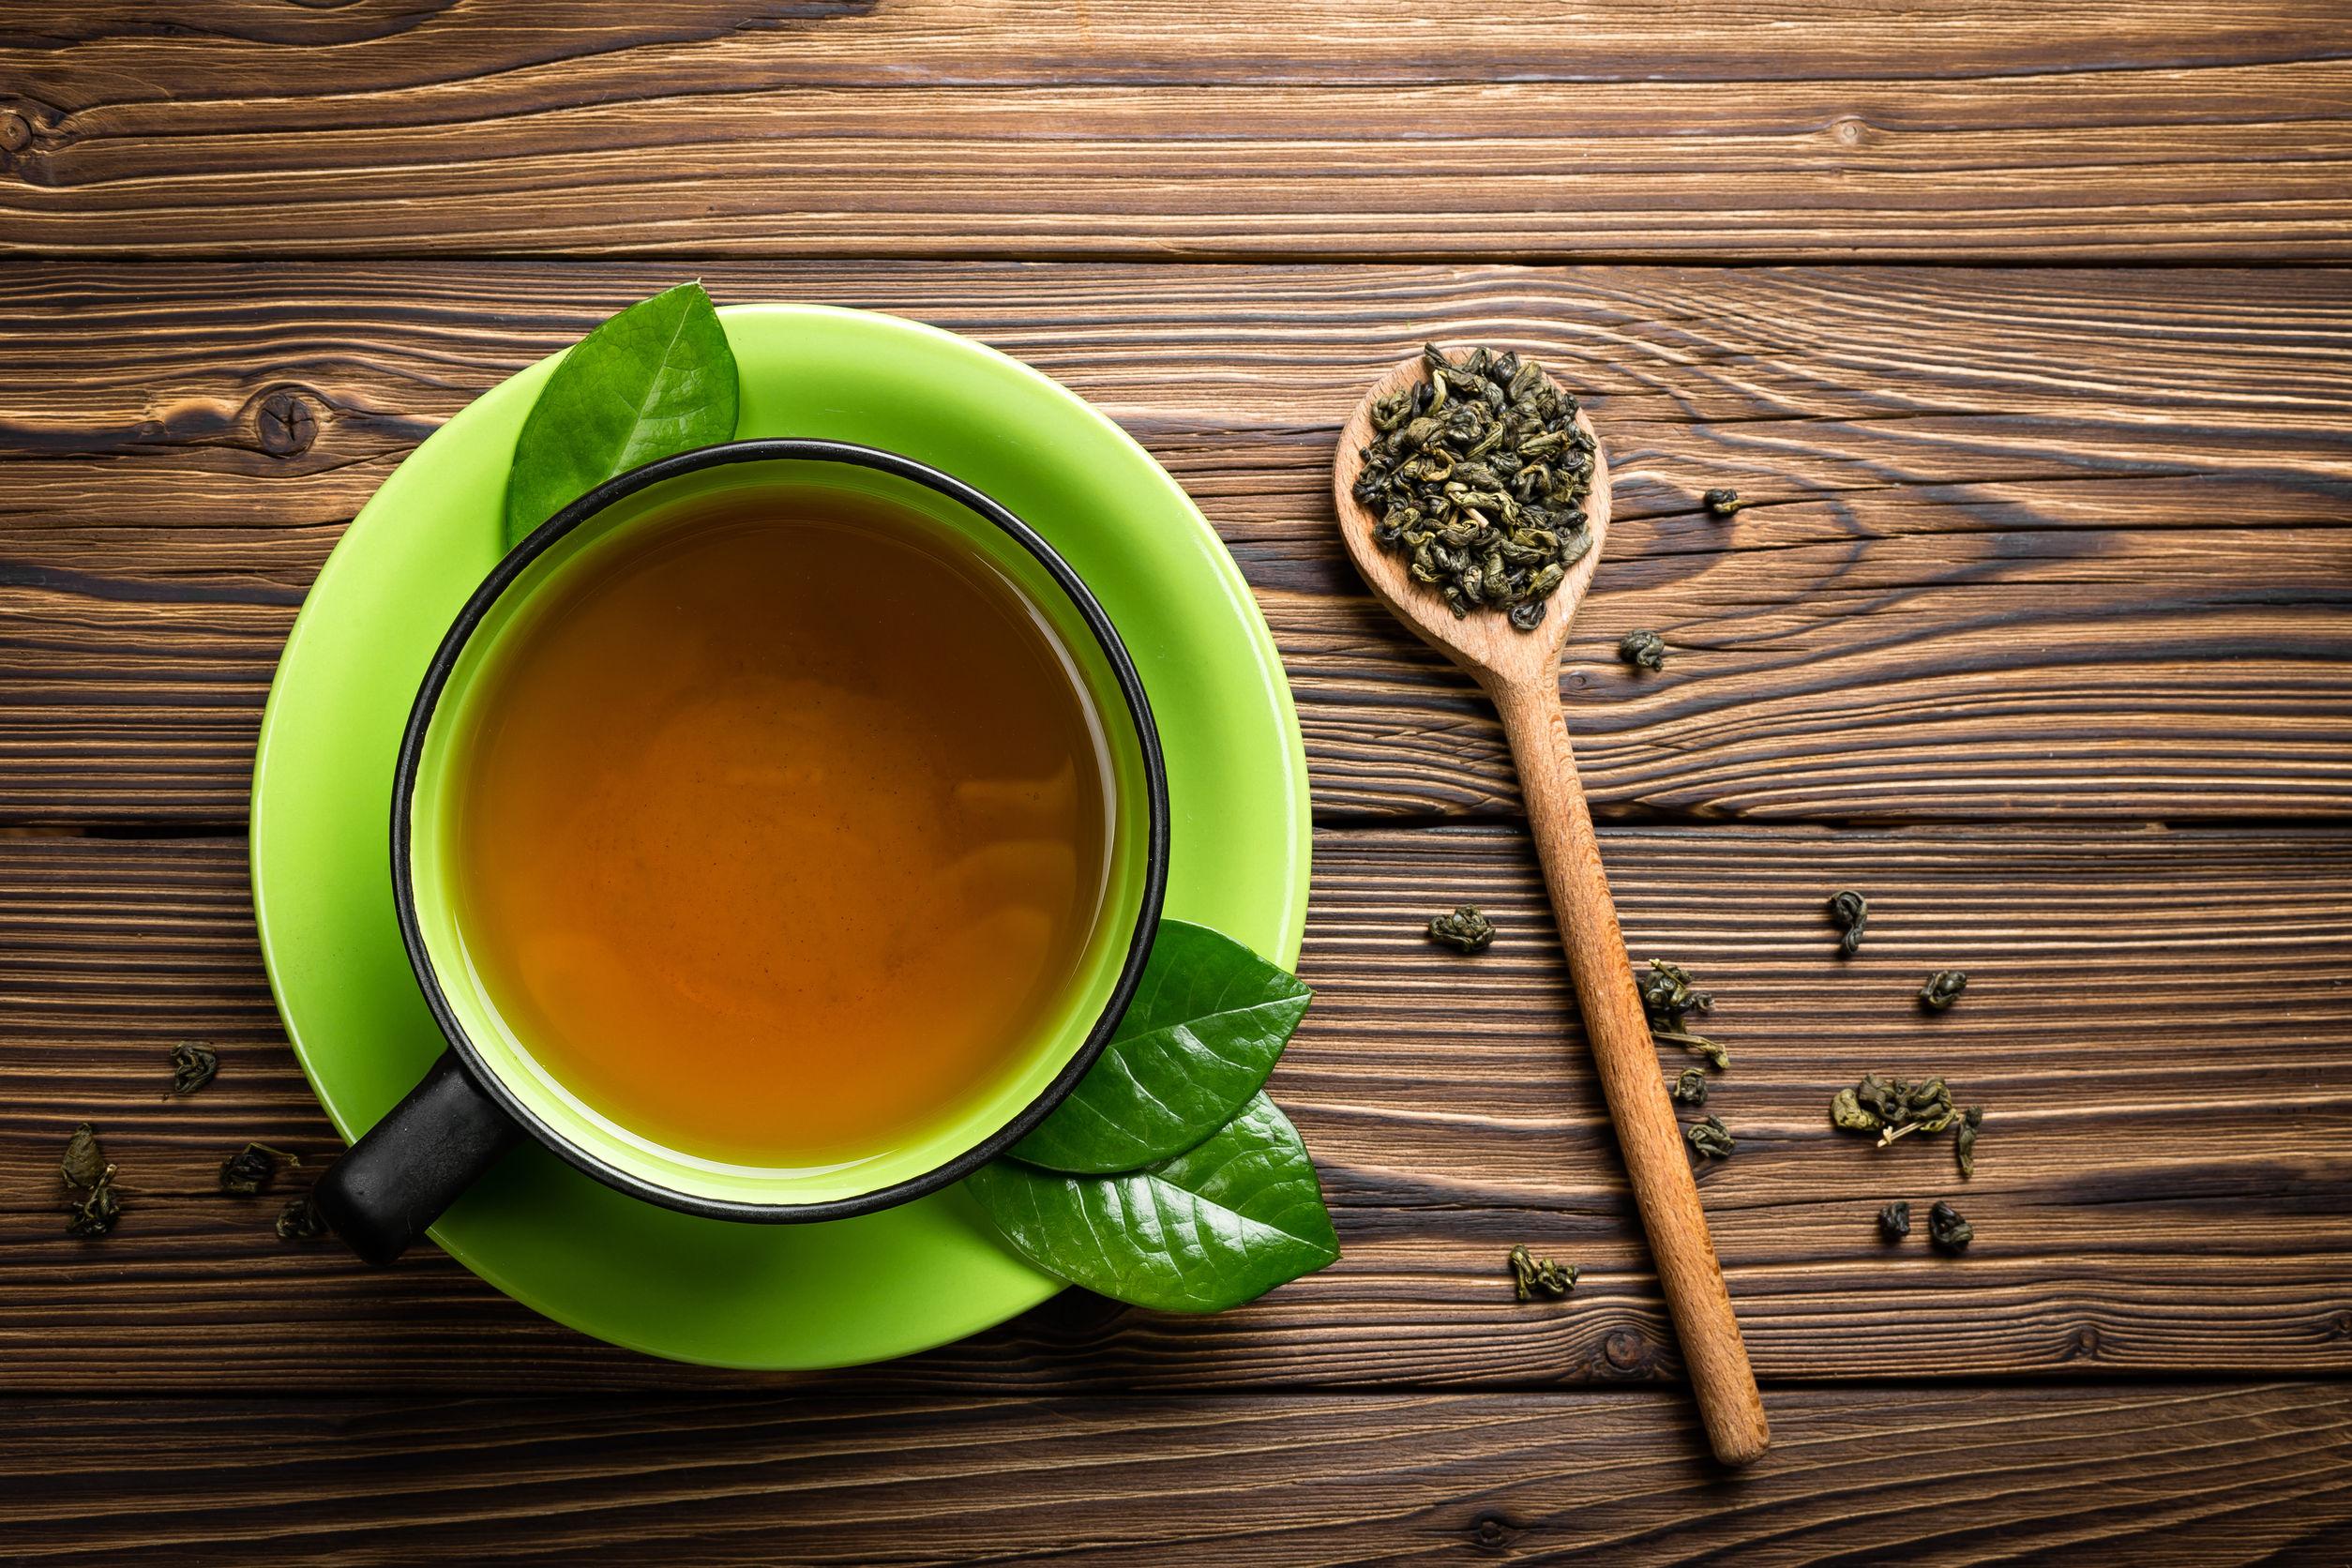 Průvodce - zelený čaj: které čaje podávat k sushi?